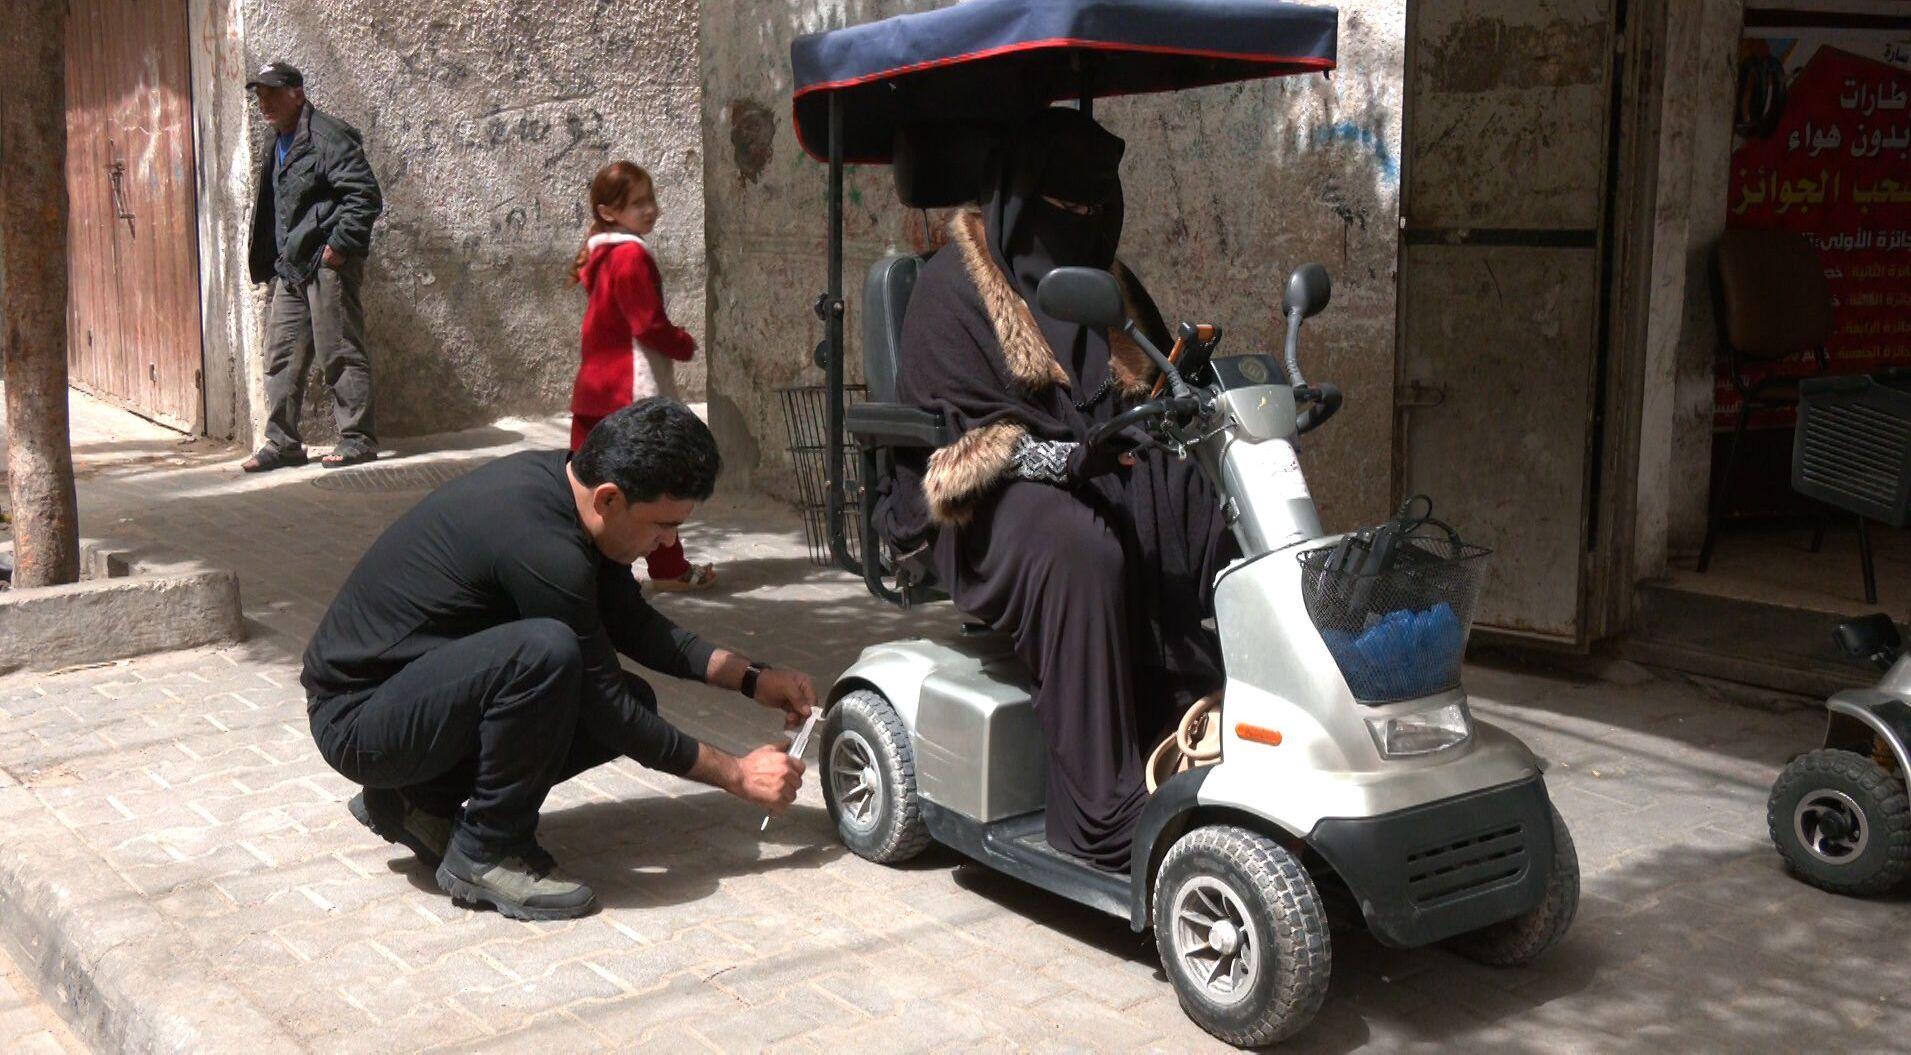 ابتكار الشاب الفلسطيني عبدالله البابي يخفف من معاناة ذوي الاحتياجات الخاصة ، مدينة غزة ، قطاع غزة ، فلسطين 30 آذار 2021